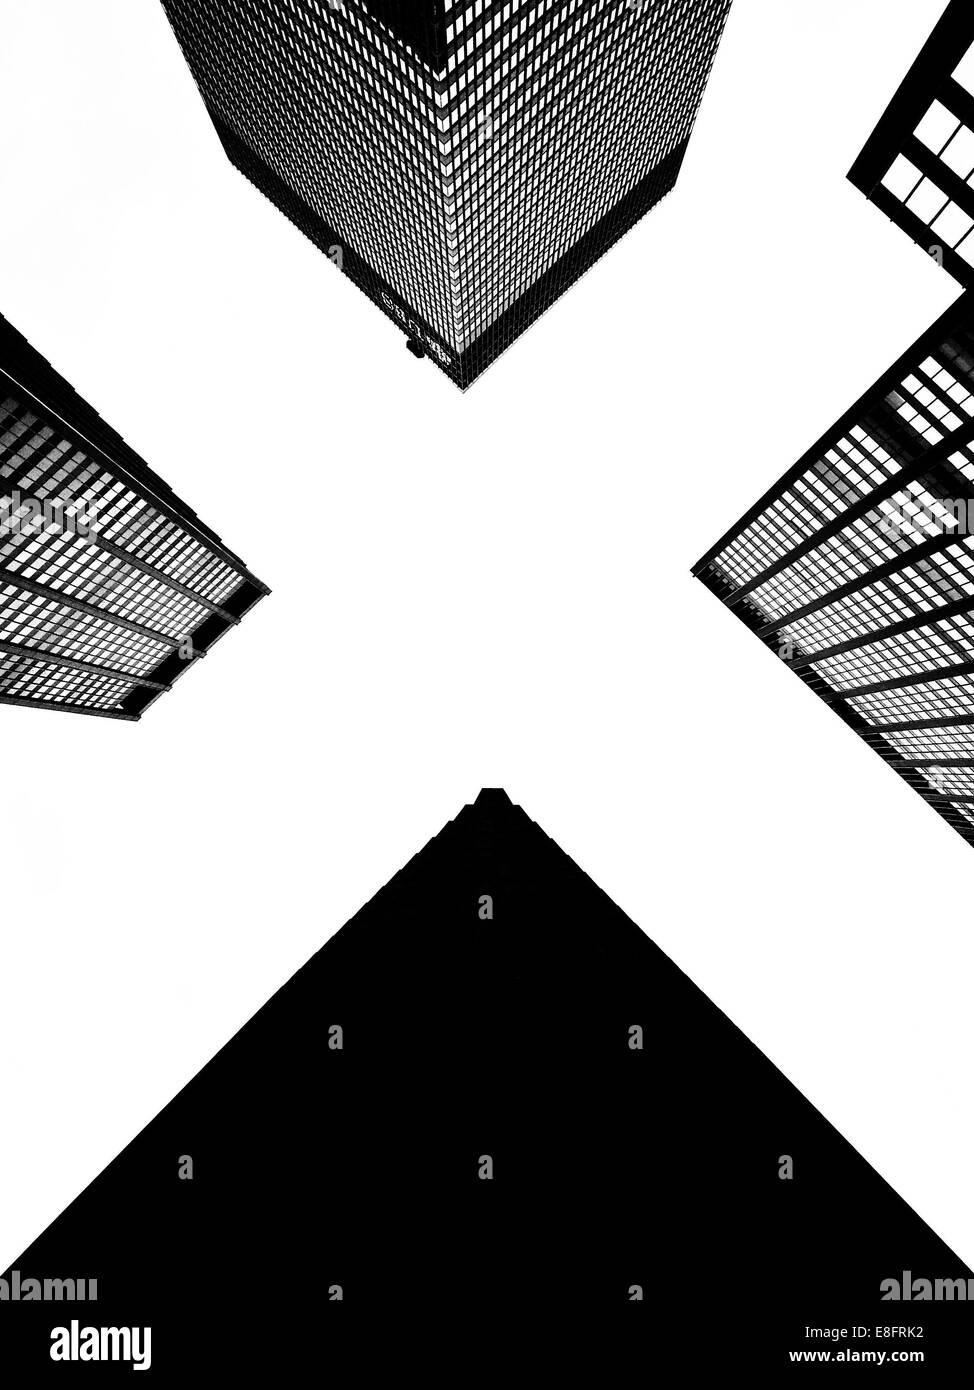 USA, l'État de New York, New York City, à la recherche jusqu'au bureau gratte-ciel Photo Stock